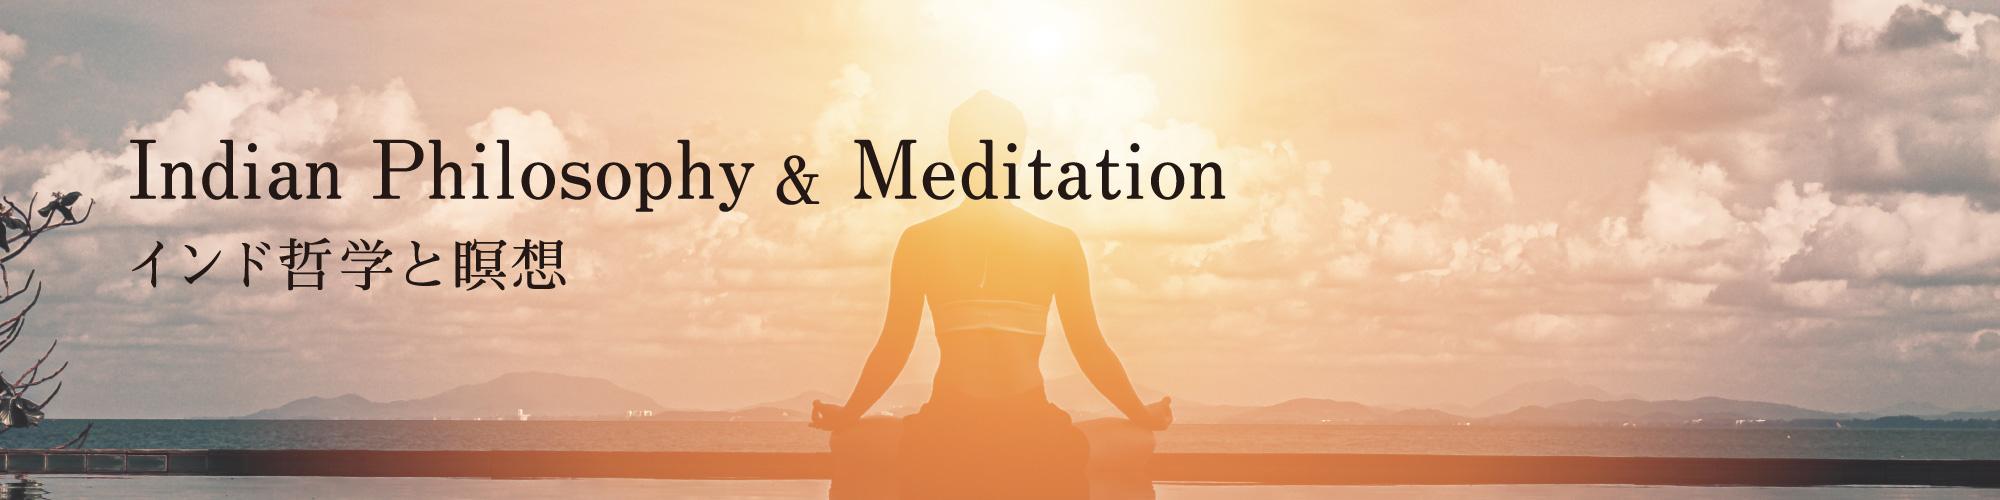 インド哲学と瞑想